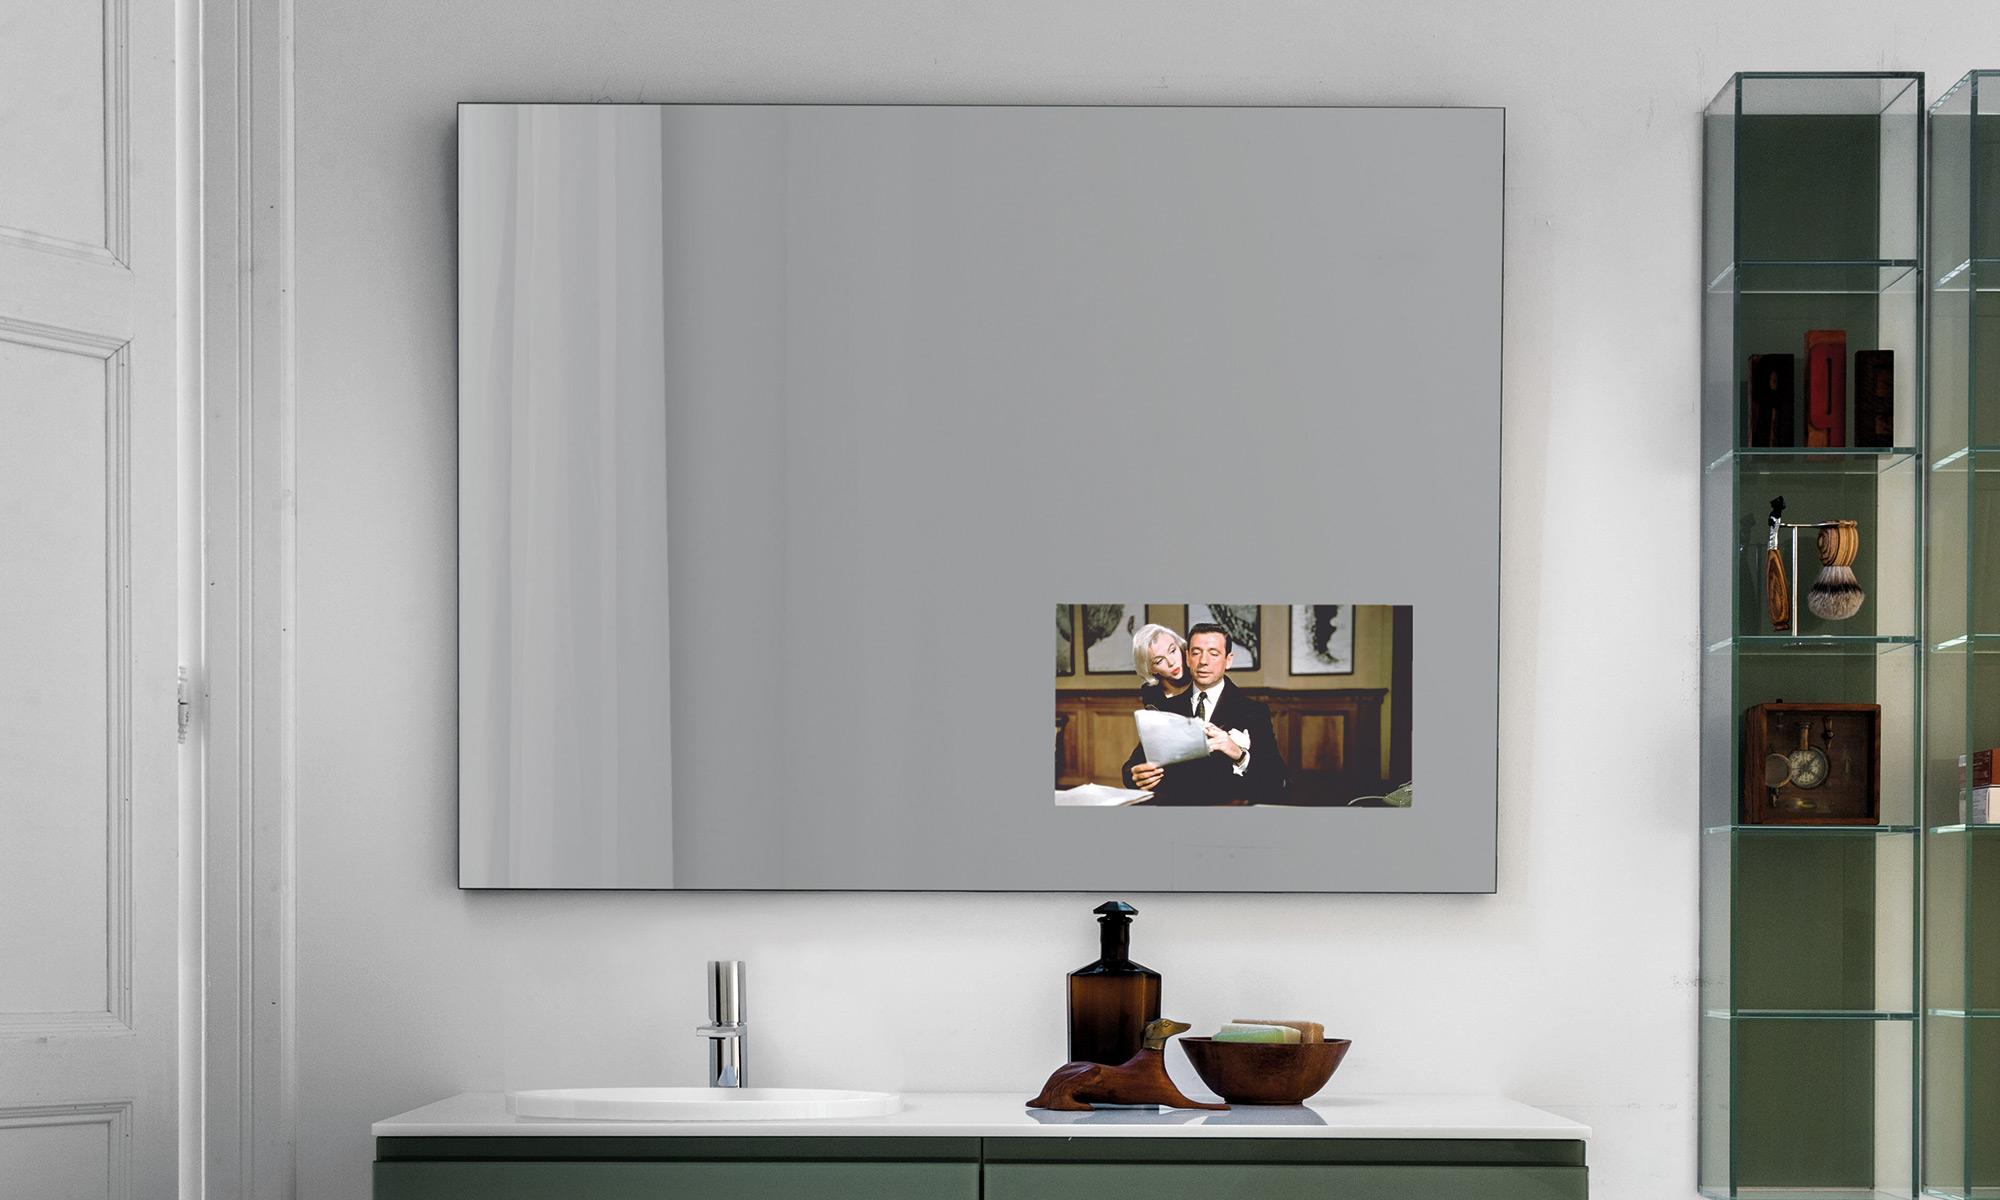 Tv spy info Ванная комната Дизайн Мебель для ванной комнаты